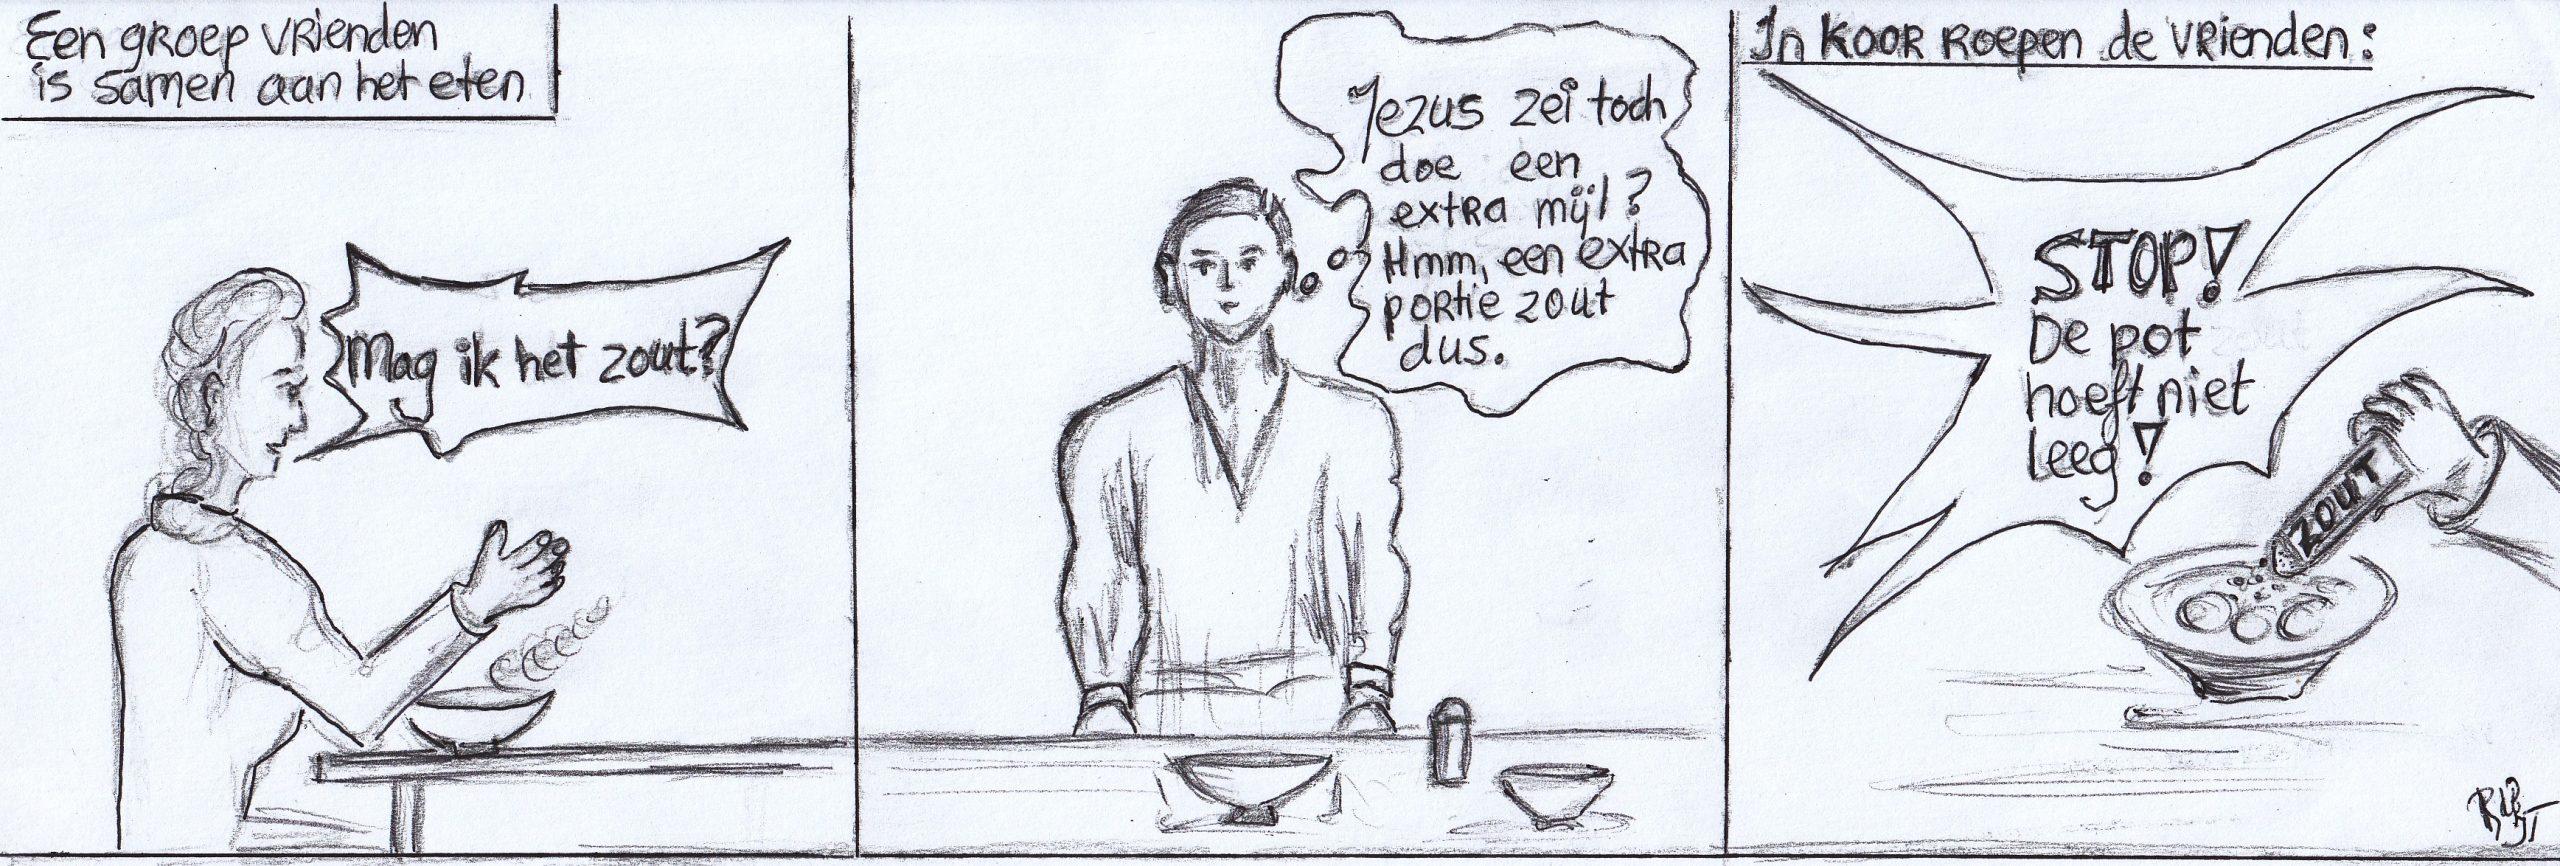 extra mijl, strip door Rosanne de Boer, praktische Bijbelstudie deel 1 door Jurgen Toonen